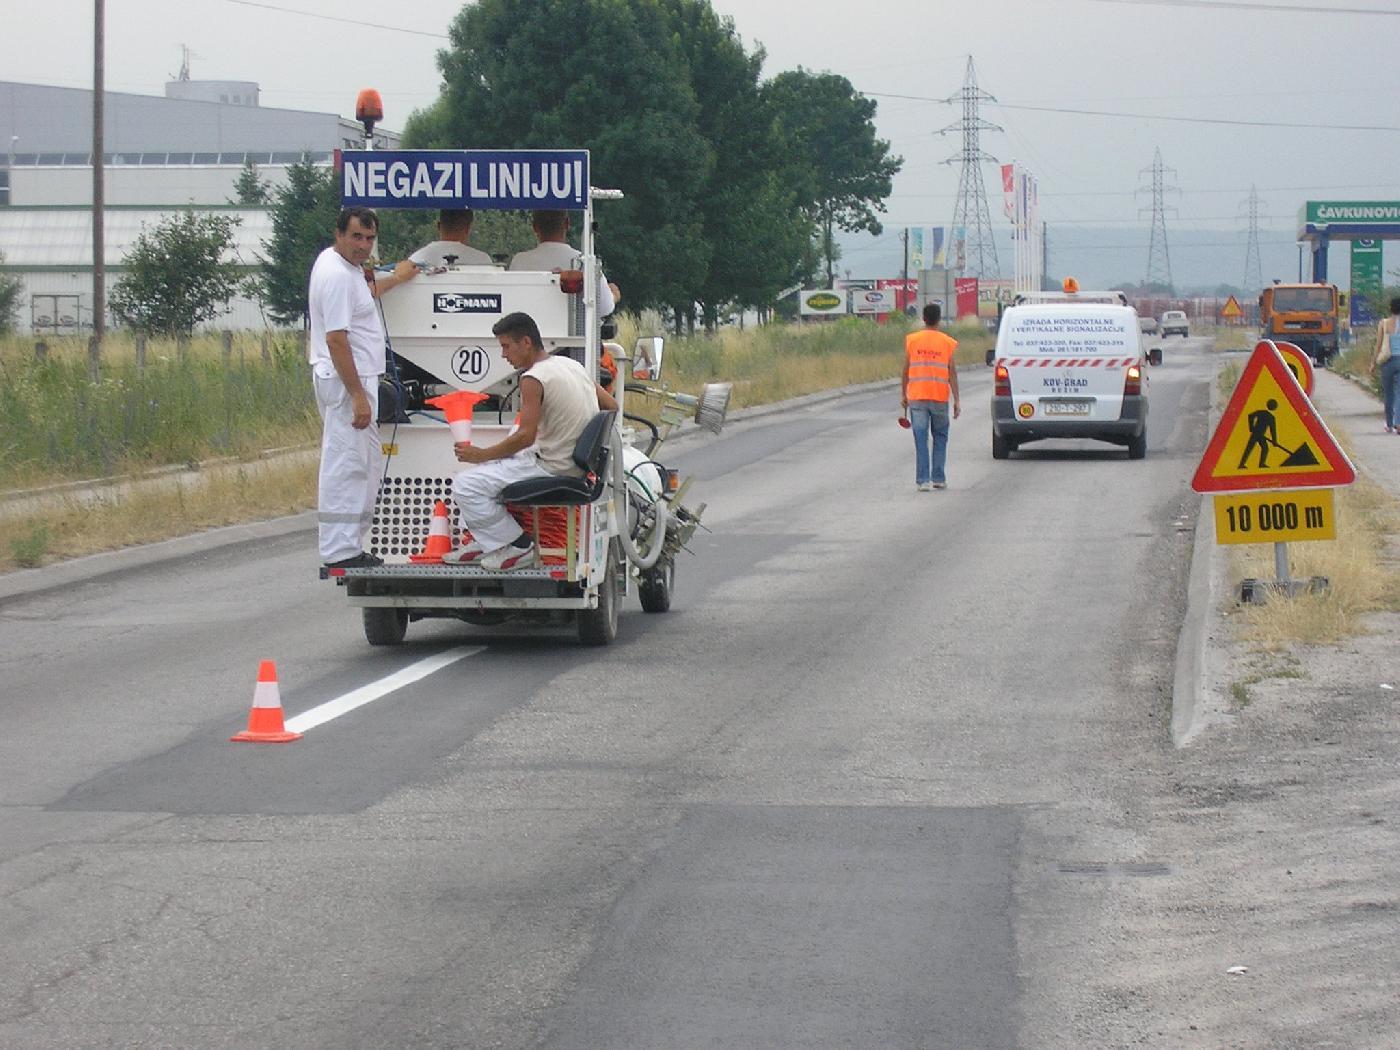 Izgradnja kanalizacionog sistema u B. Krupi: Milionski posao za Kov-Grad